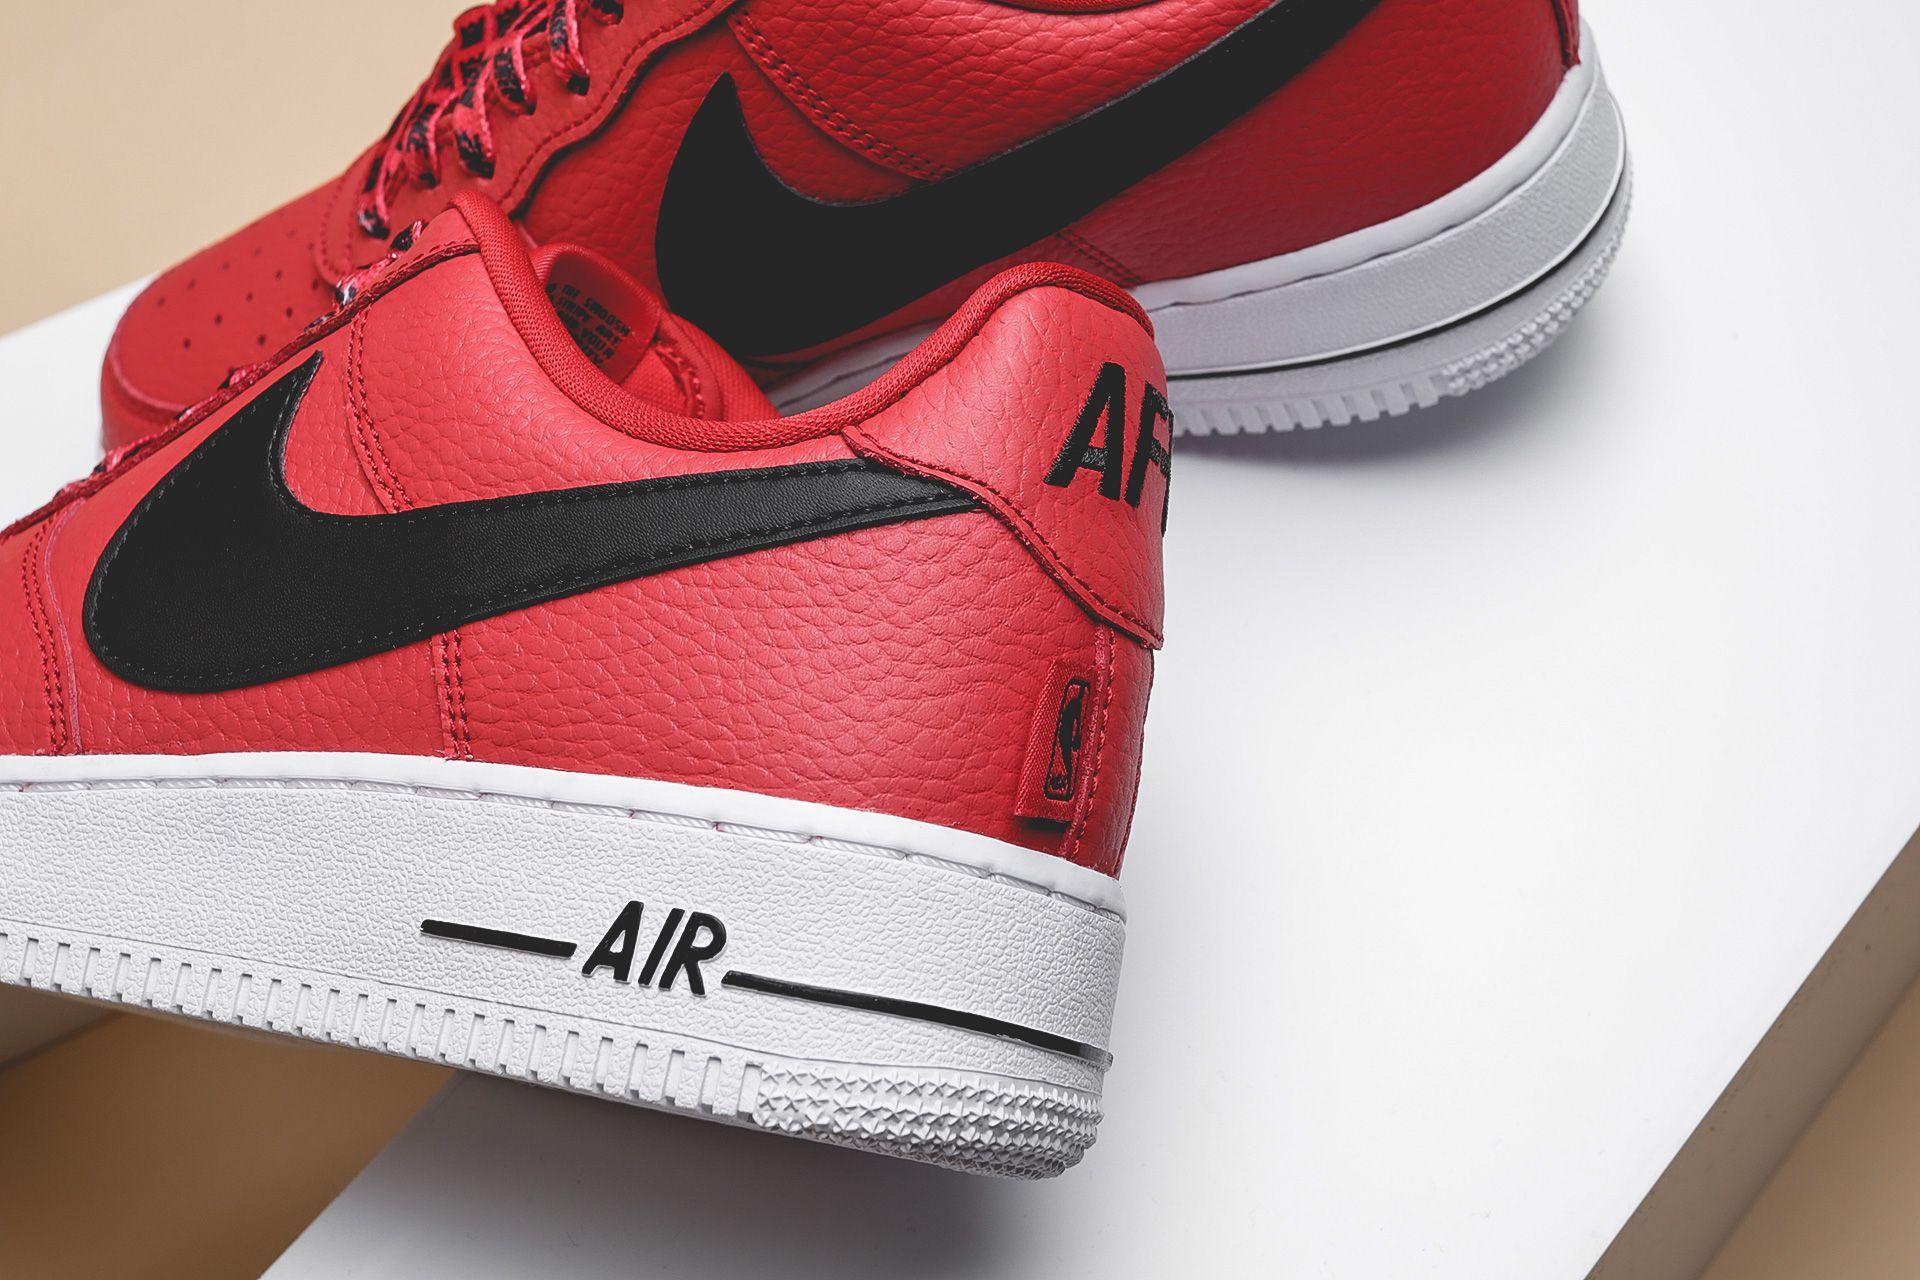 e8a24454 ... Купить мужские красные кроссовки Nike Air Force 1 '07 LV8 - фото 2  картинки ...